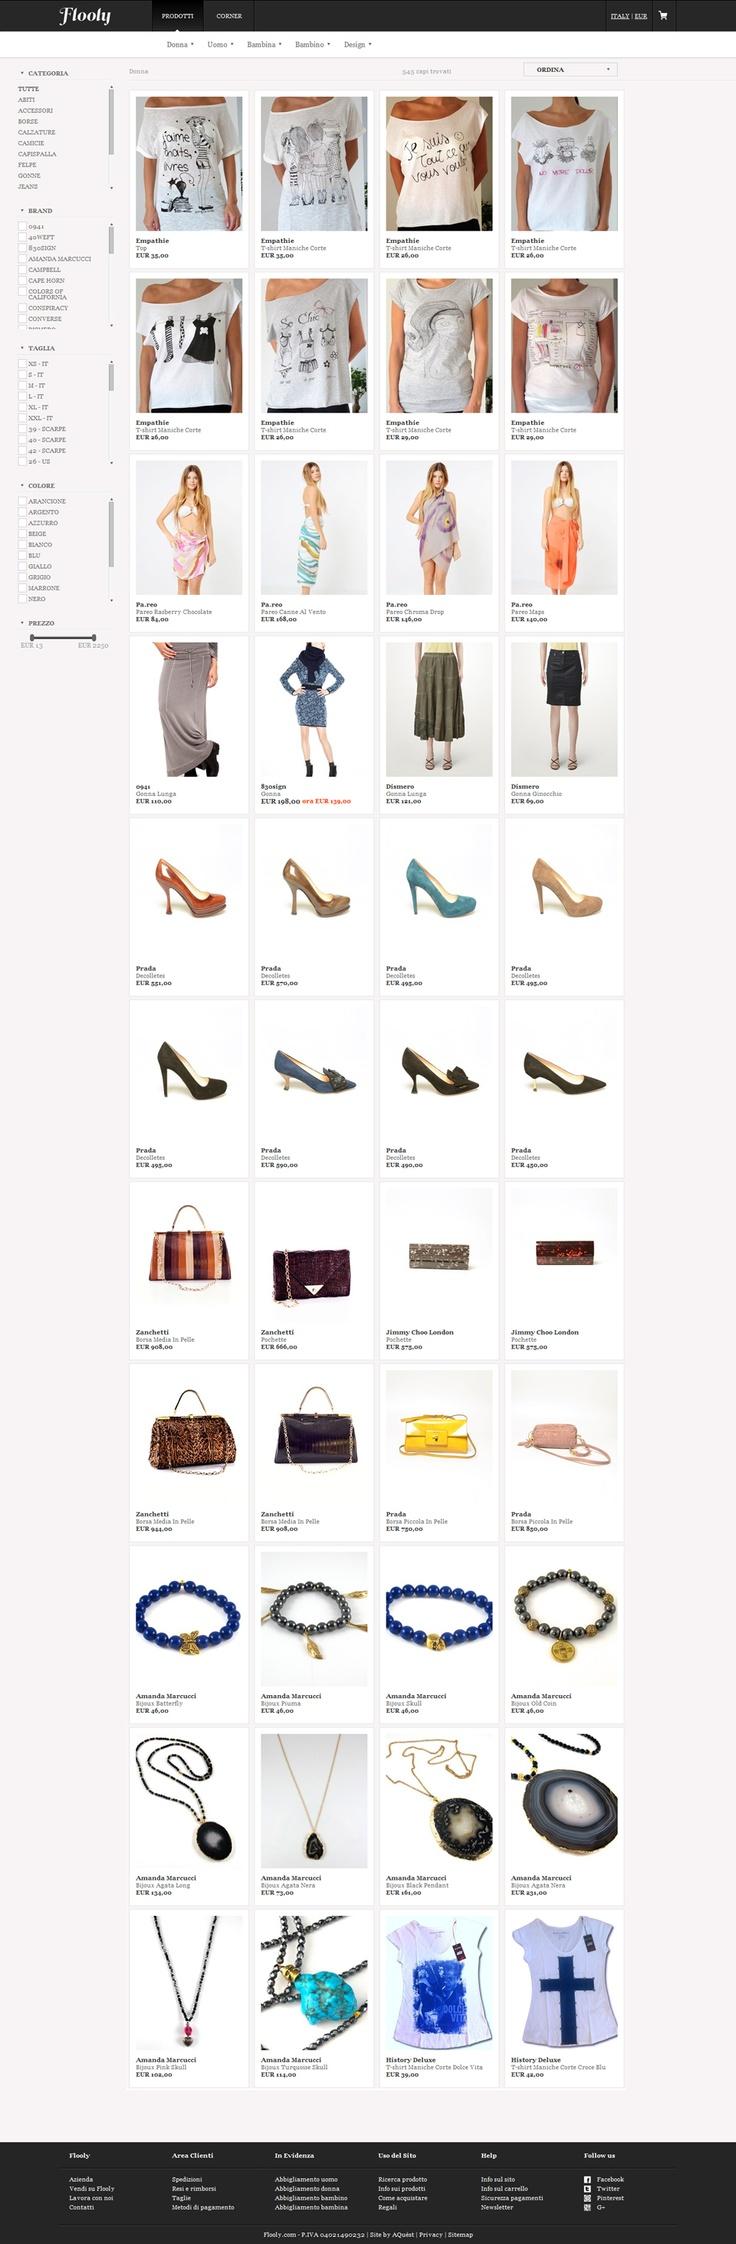 Il catalogo dell'aggregatore visto da un dispositivo di medie dimensioni. Il web design è caratterizzato da una combinazione grafica accattivante ed elegante al tempo stesso, grazie anche ai colori utilizzati. I filtri di ricerca sono immediatamente disponibili all'utente.